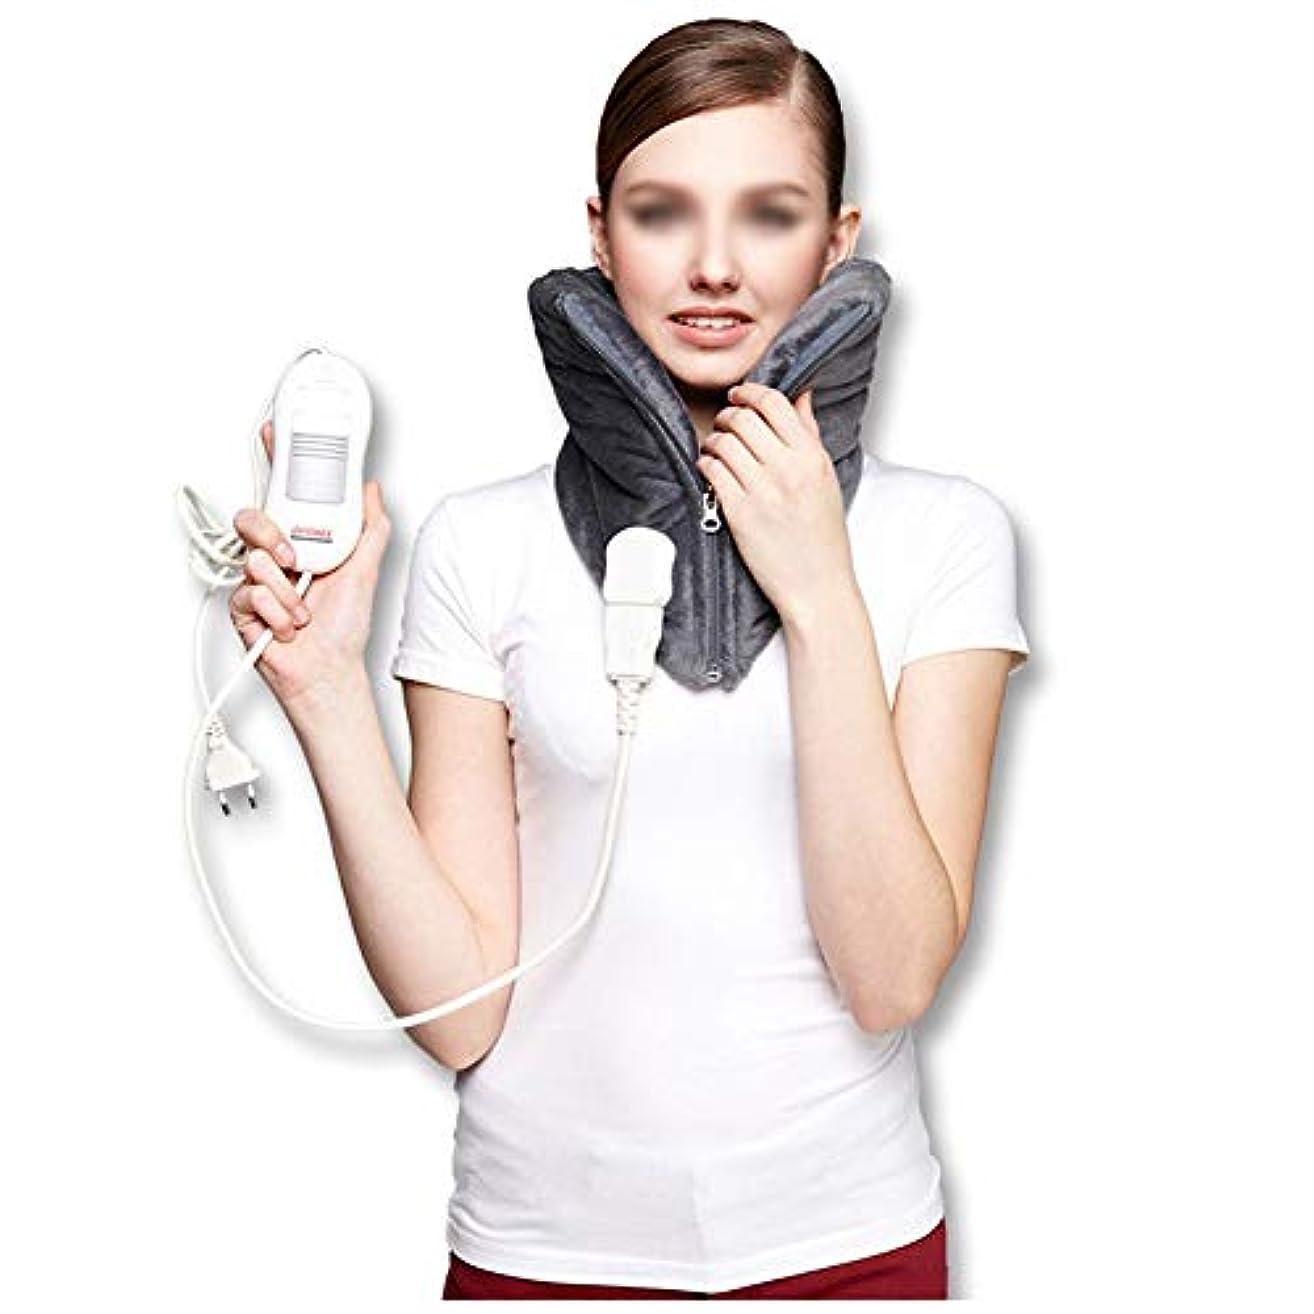 お手伝いさん思われる改修する頚部の電気ヒーターパッド - 暖かい頚椎のヒートパッド、自動電源オフ、洗える、3速度一定温度、高齢者の痛みを軽減するマッサージャー